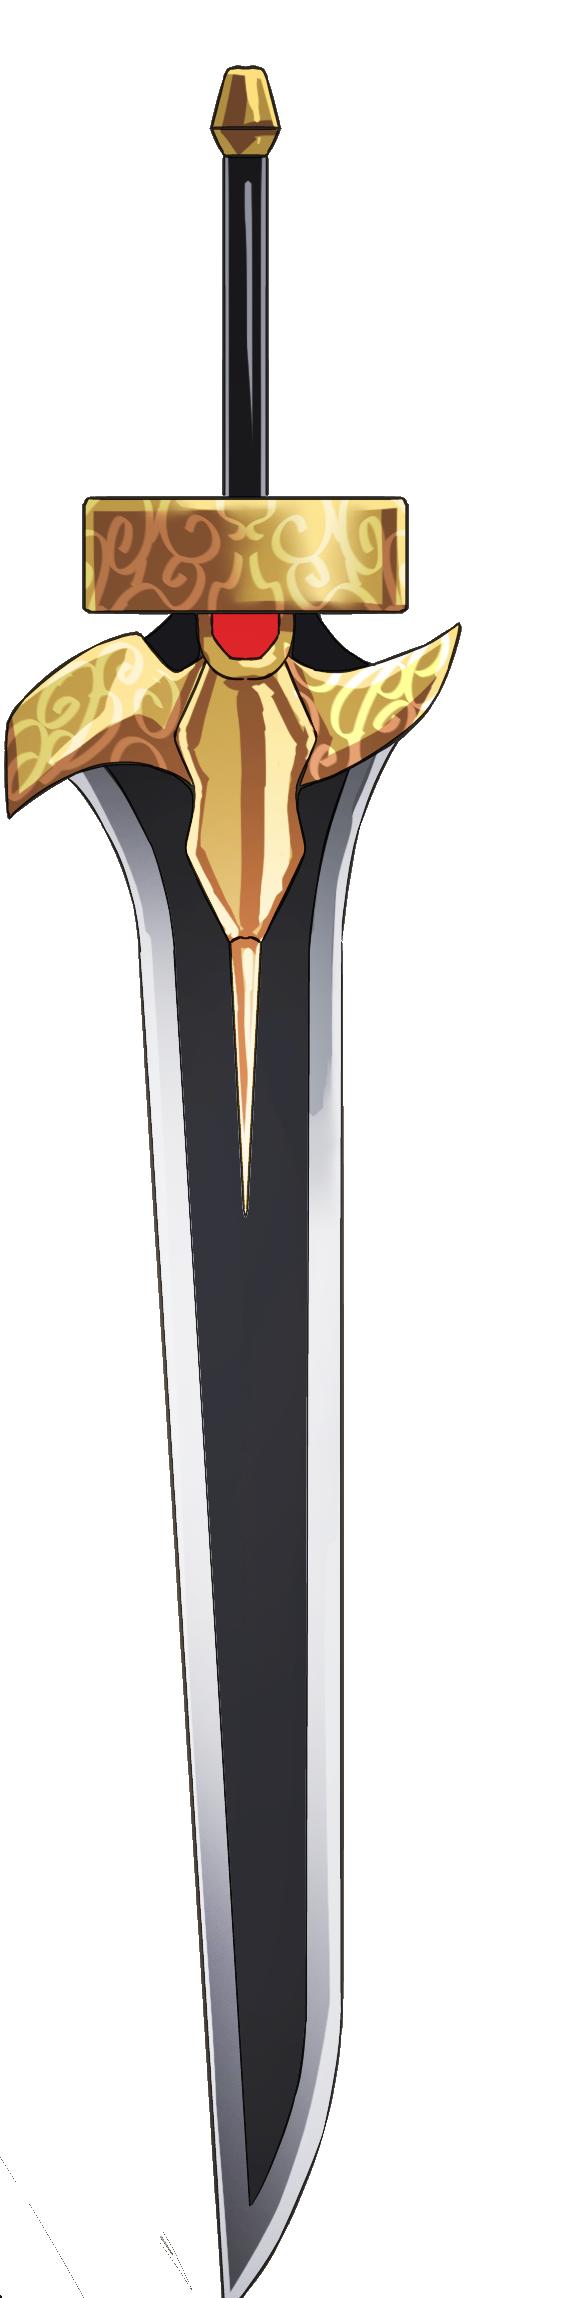 gekki sword.png